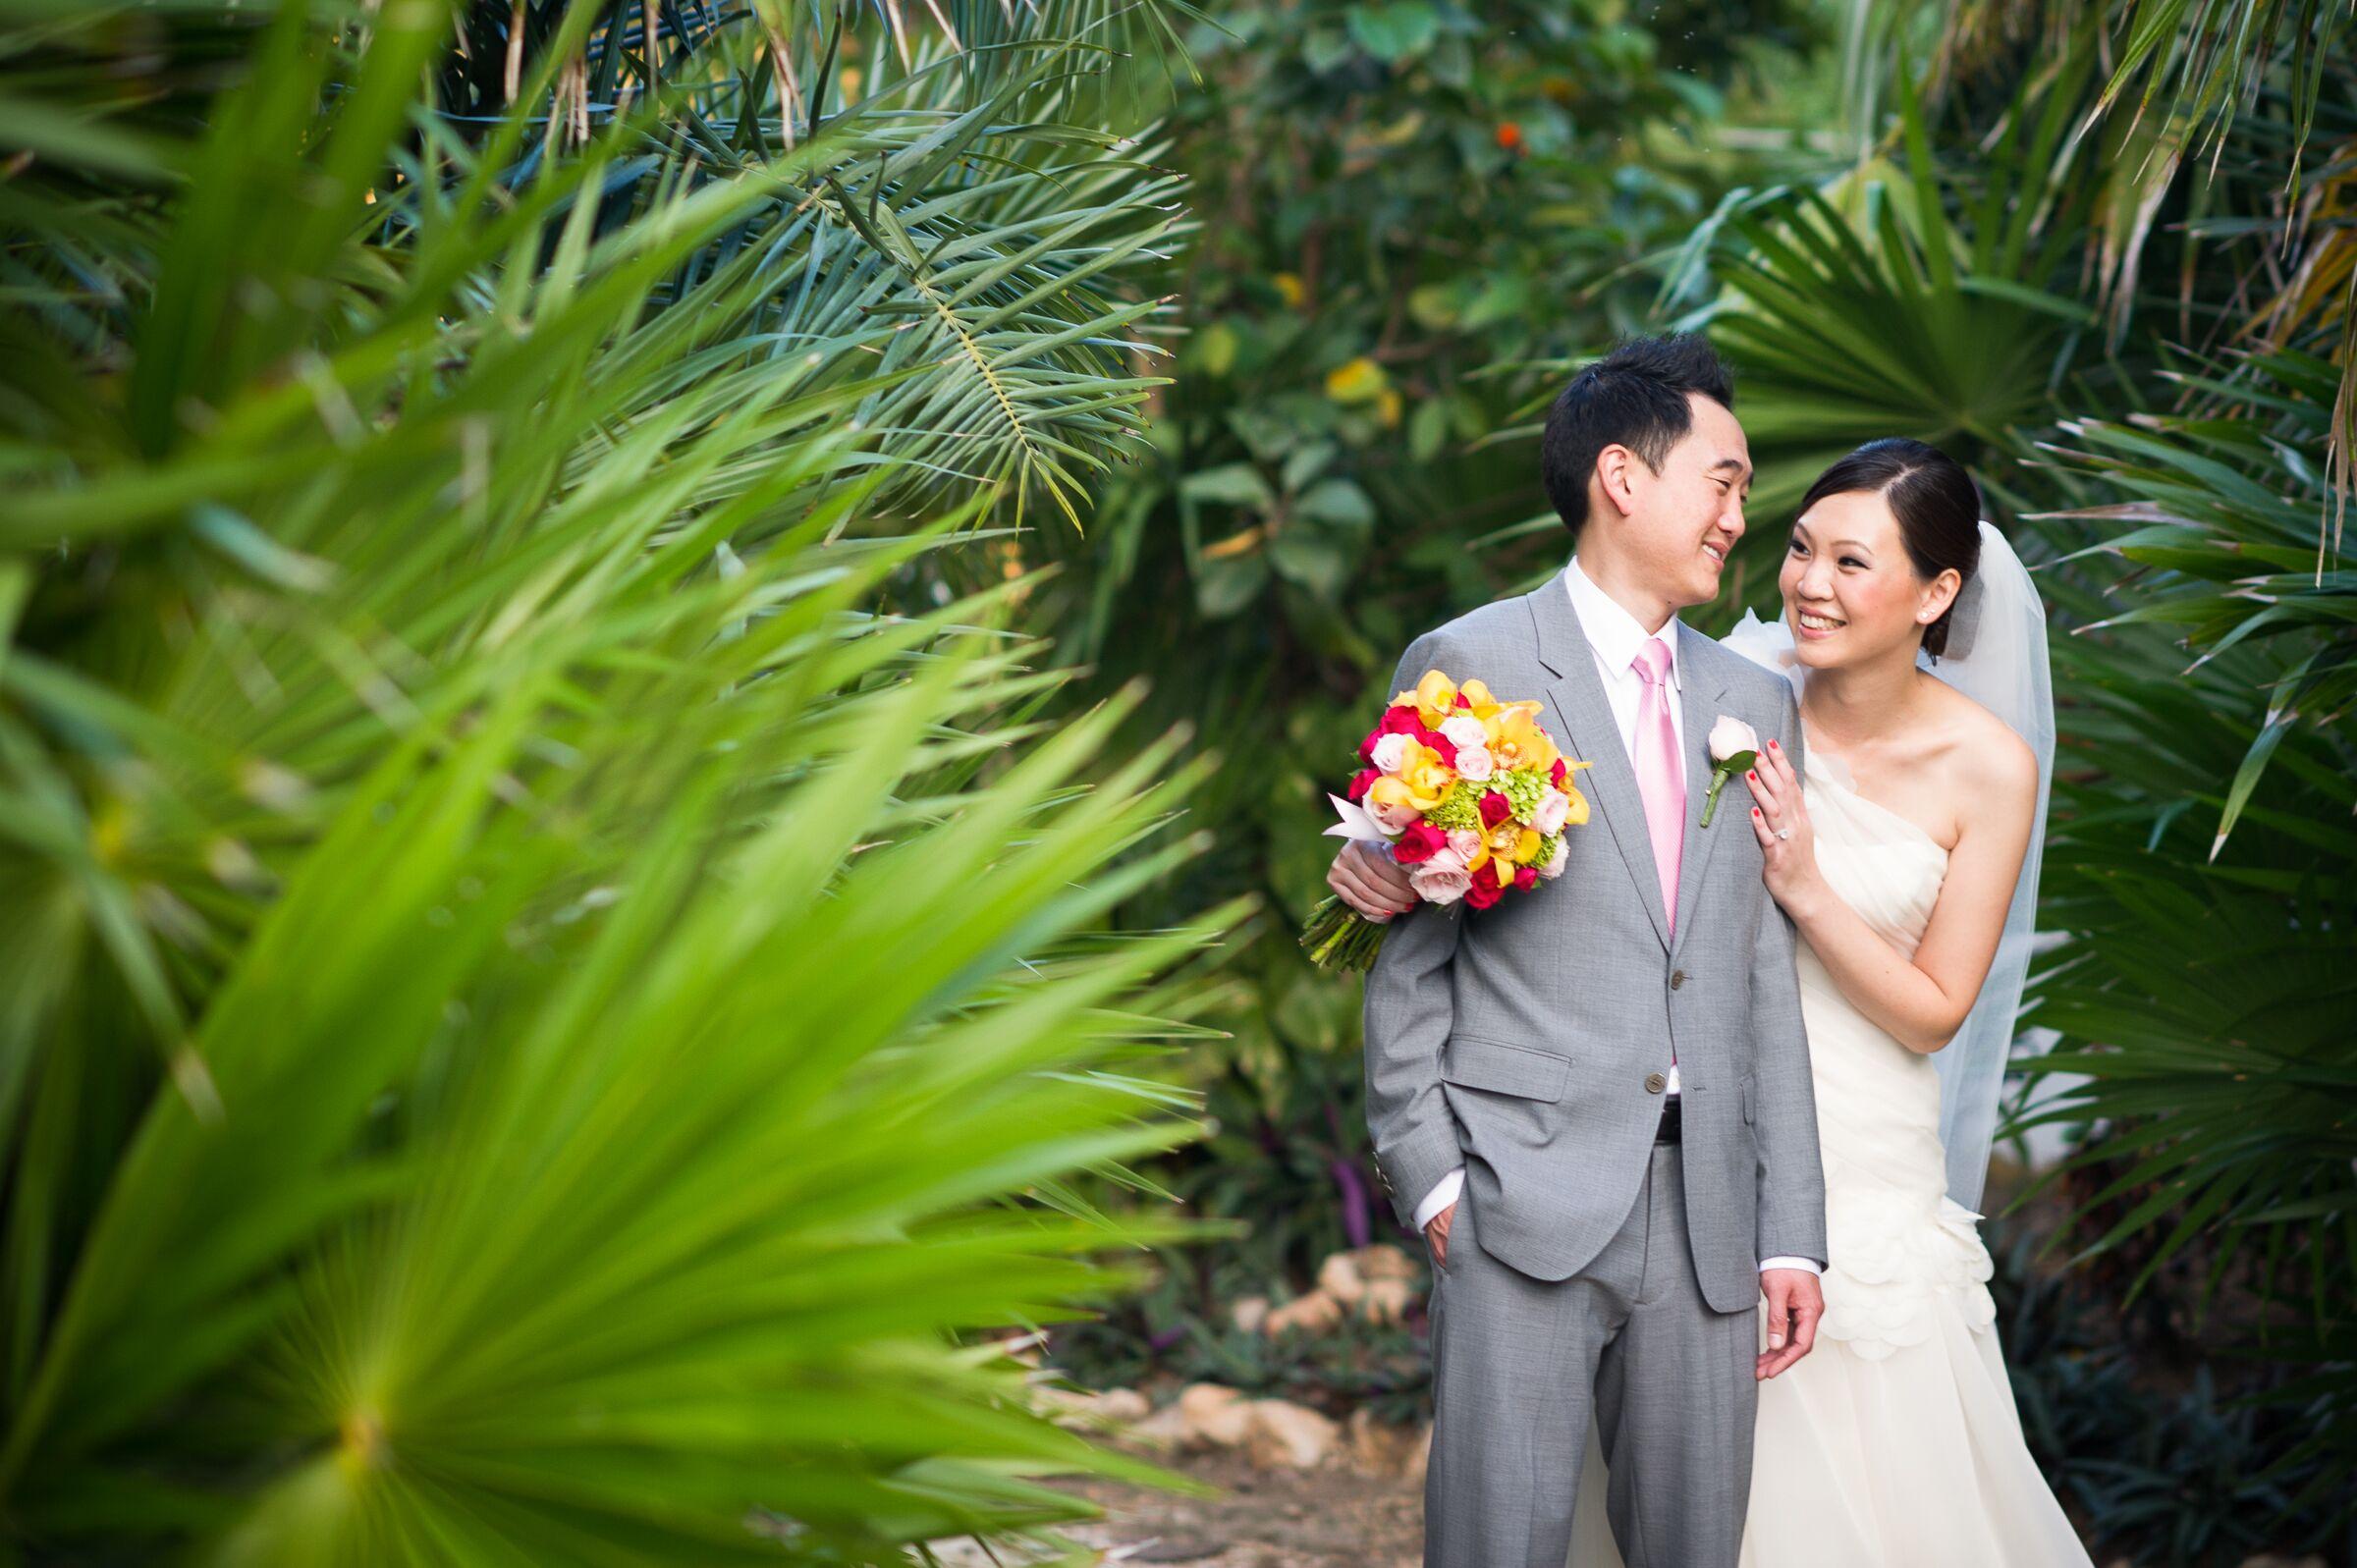 Wedding Photography Pasadena Ca: Wedding Photographers - Pasadena, CA